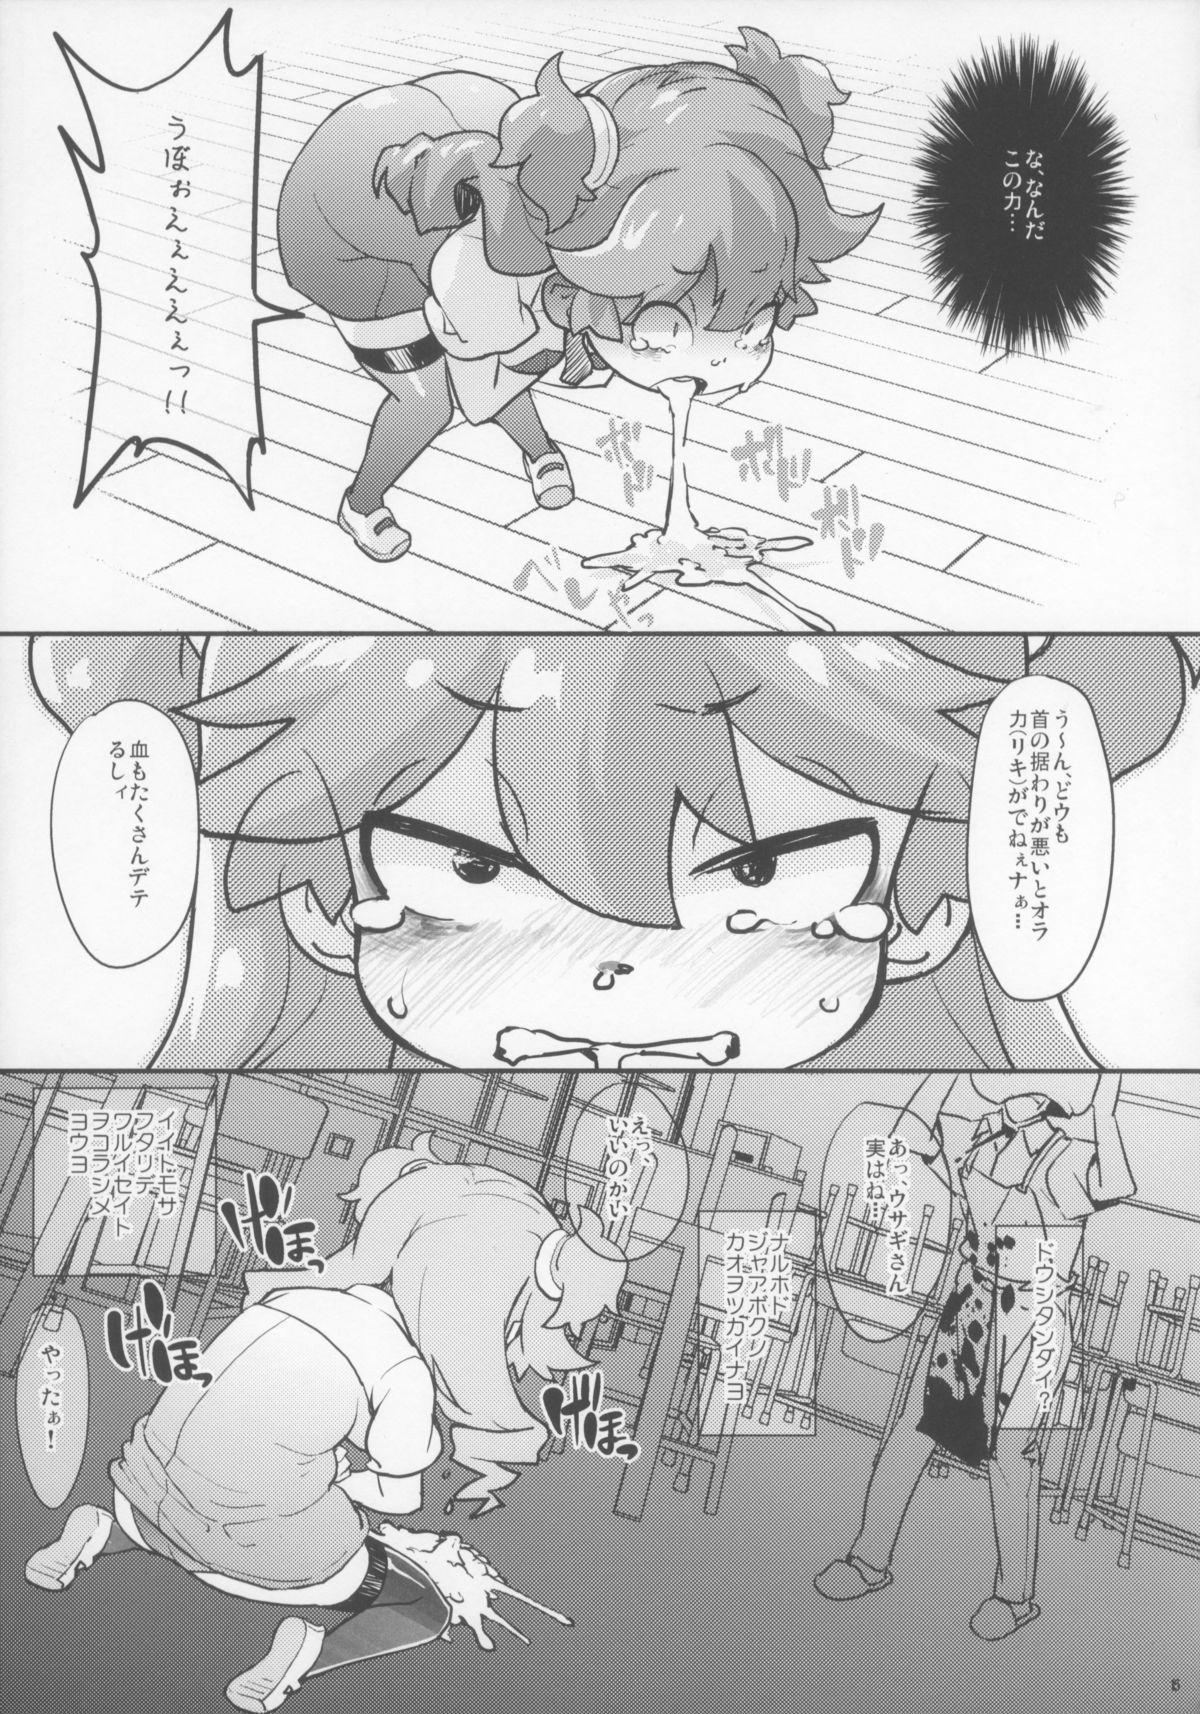 eru-shichi 14